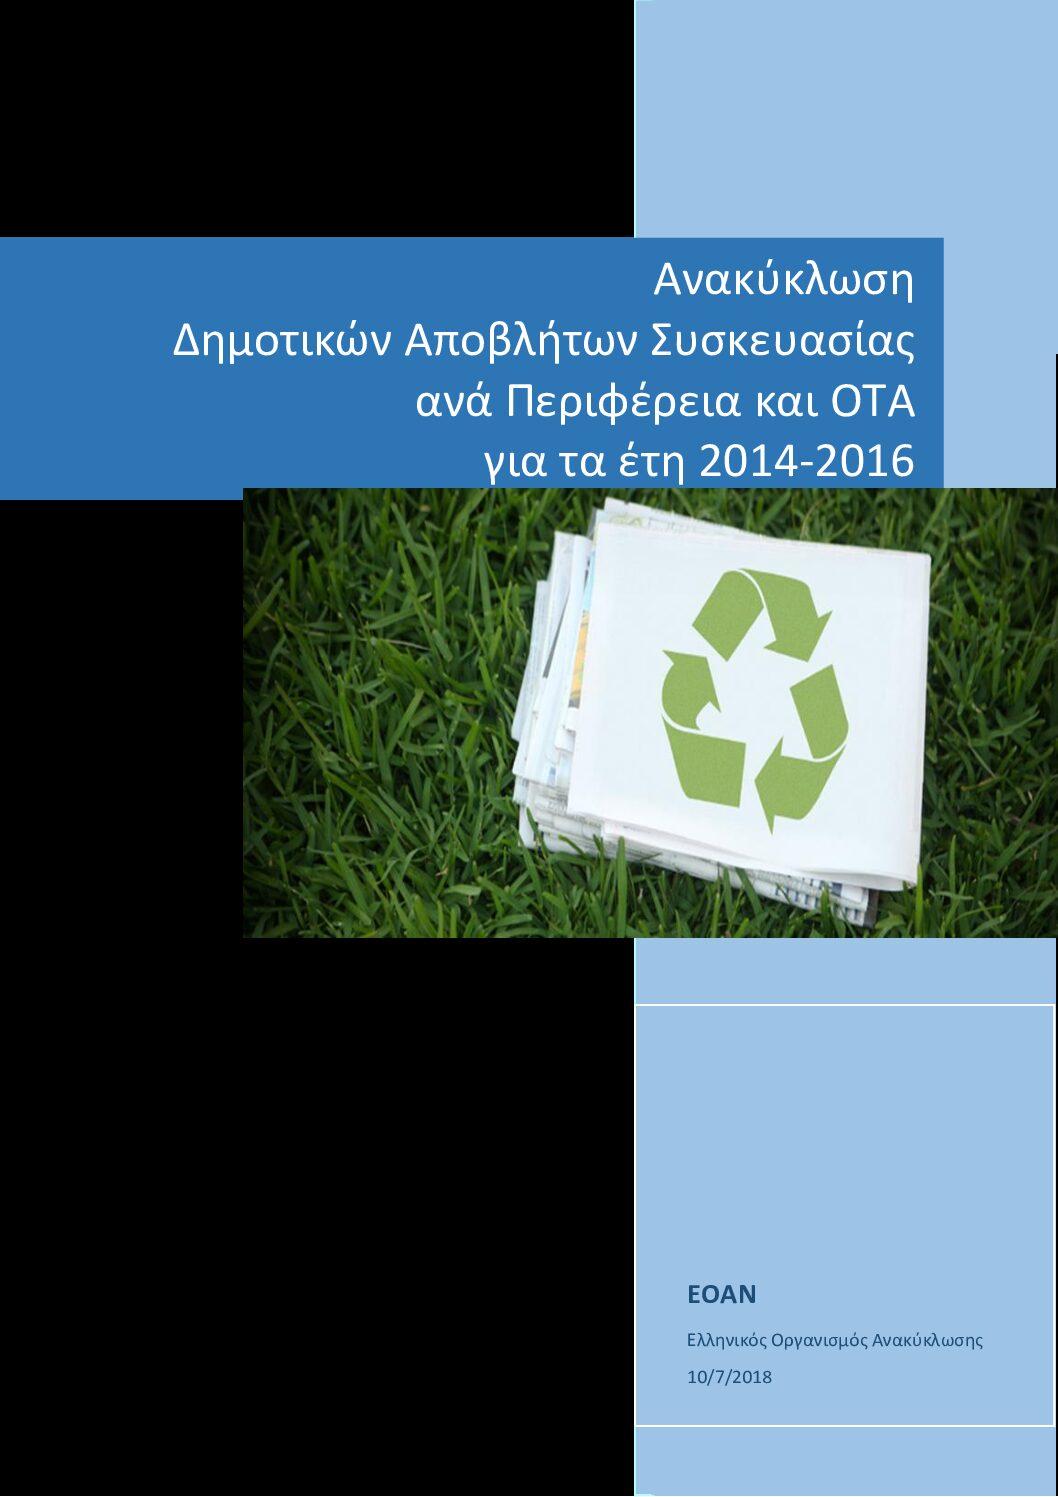 Ανακύκλωση Δημοτικών Αποβλήτων Συσκευασίας ανά Περιφέρεια και ΟΤΑ ver 3